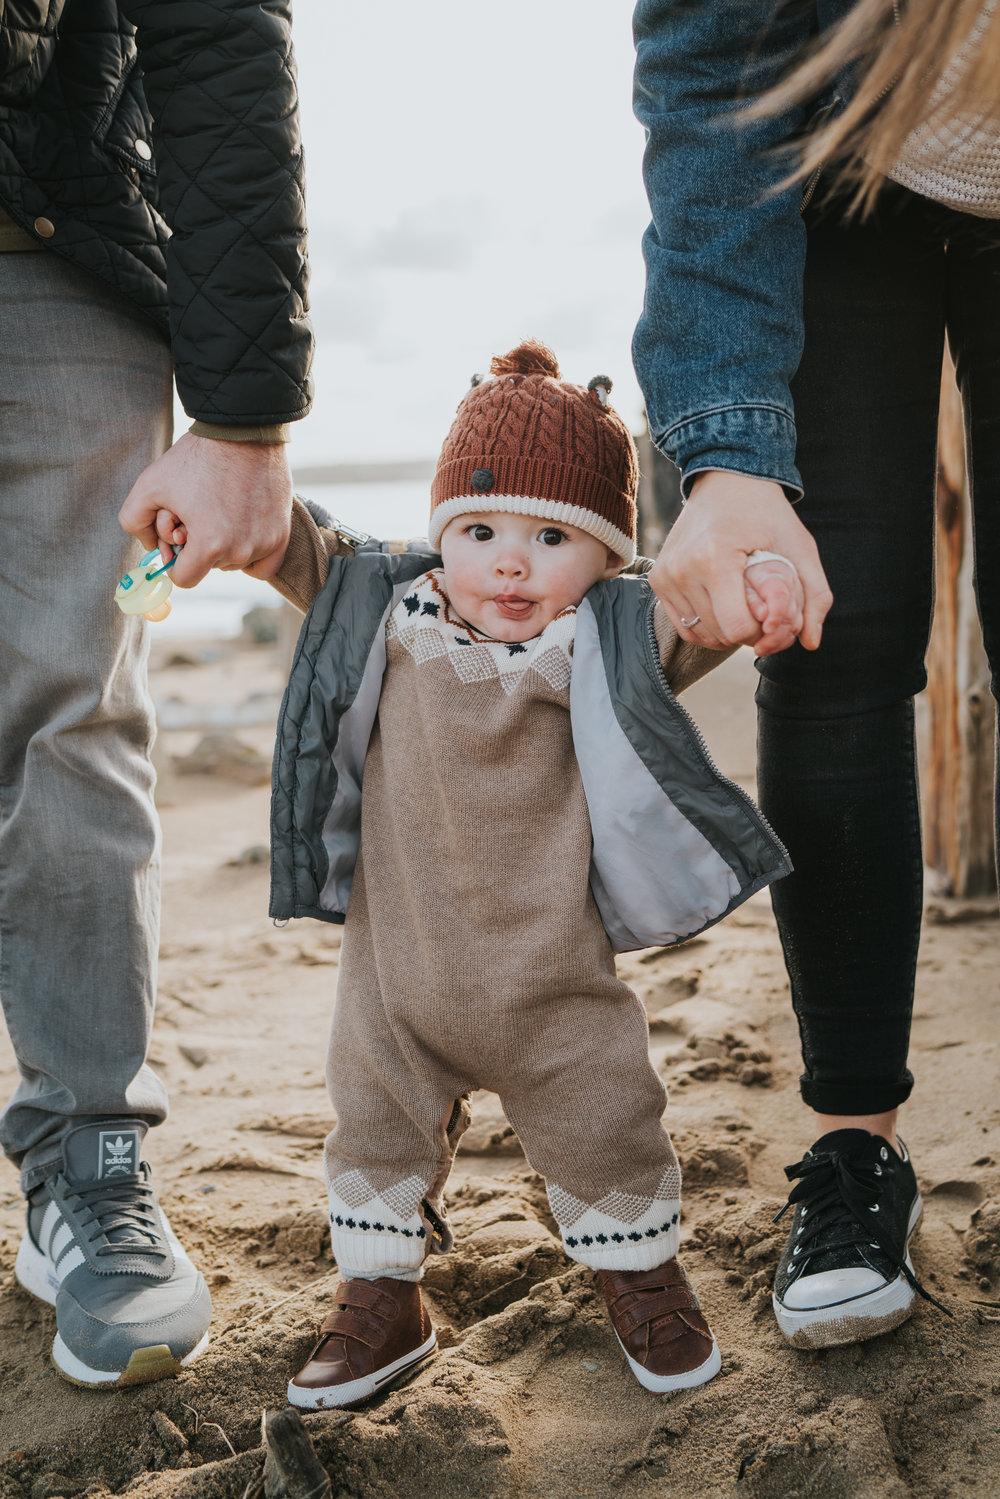 beach-lifestyle-baby-session-crow-point-north-devon-grace-elizabeth-colchester-essex-alternative-wedding-lifestyle-photographer-norfolk-suffolk-devon (38 of 41).jpg